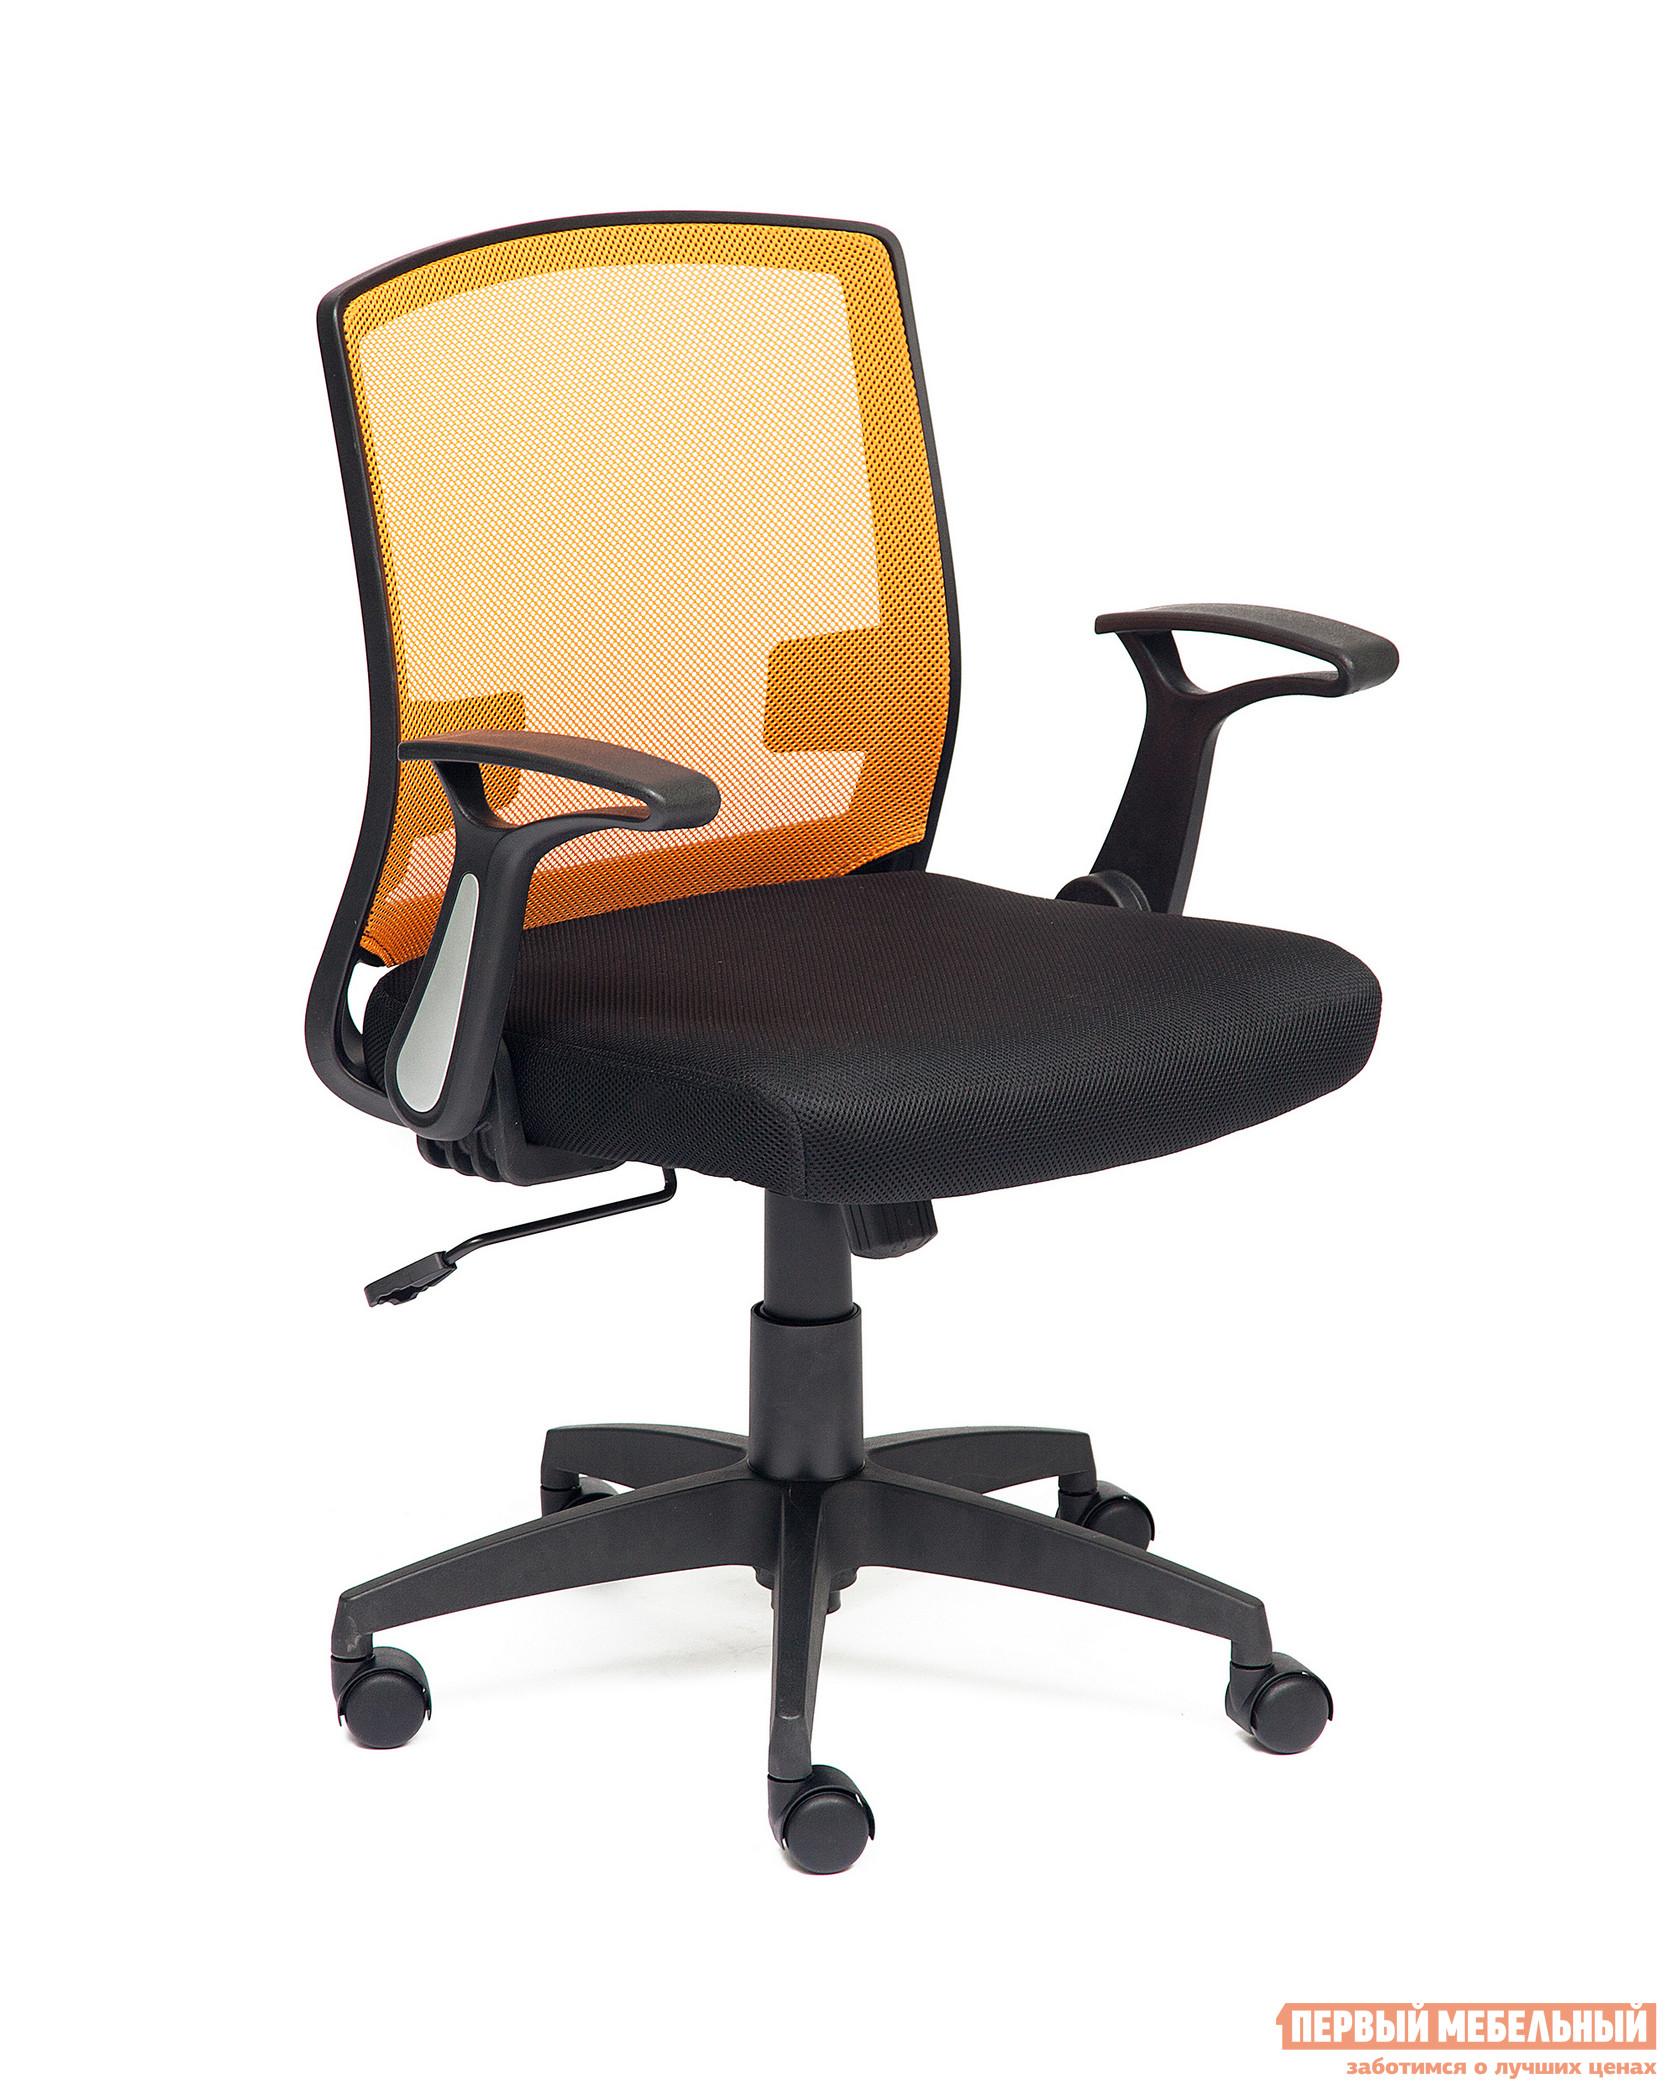 Офисное кресло Tetchair Scout офисное